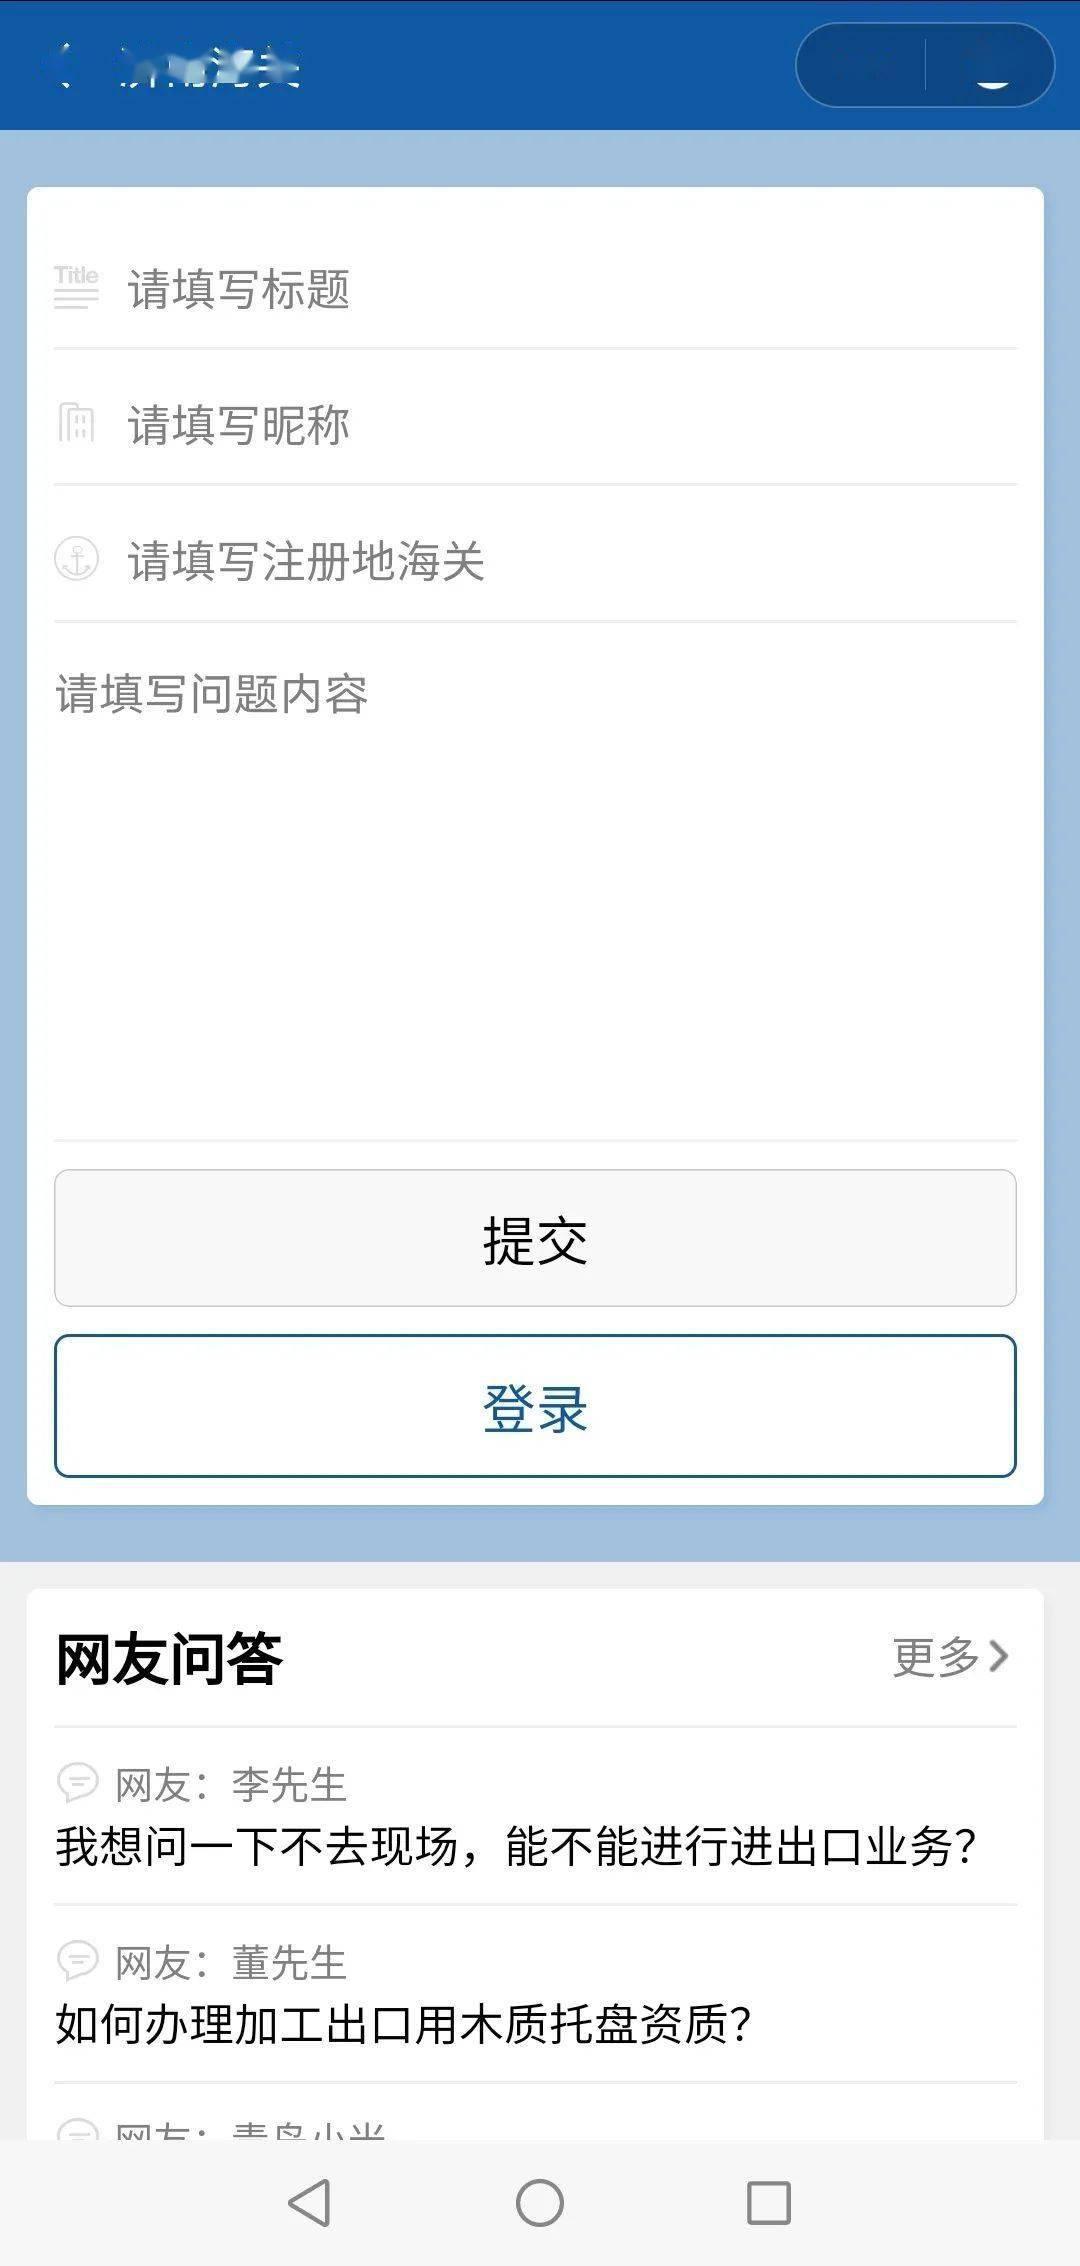 用户注册登录用例图